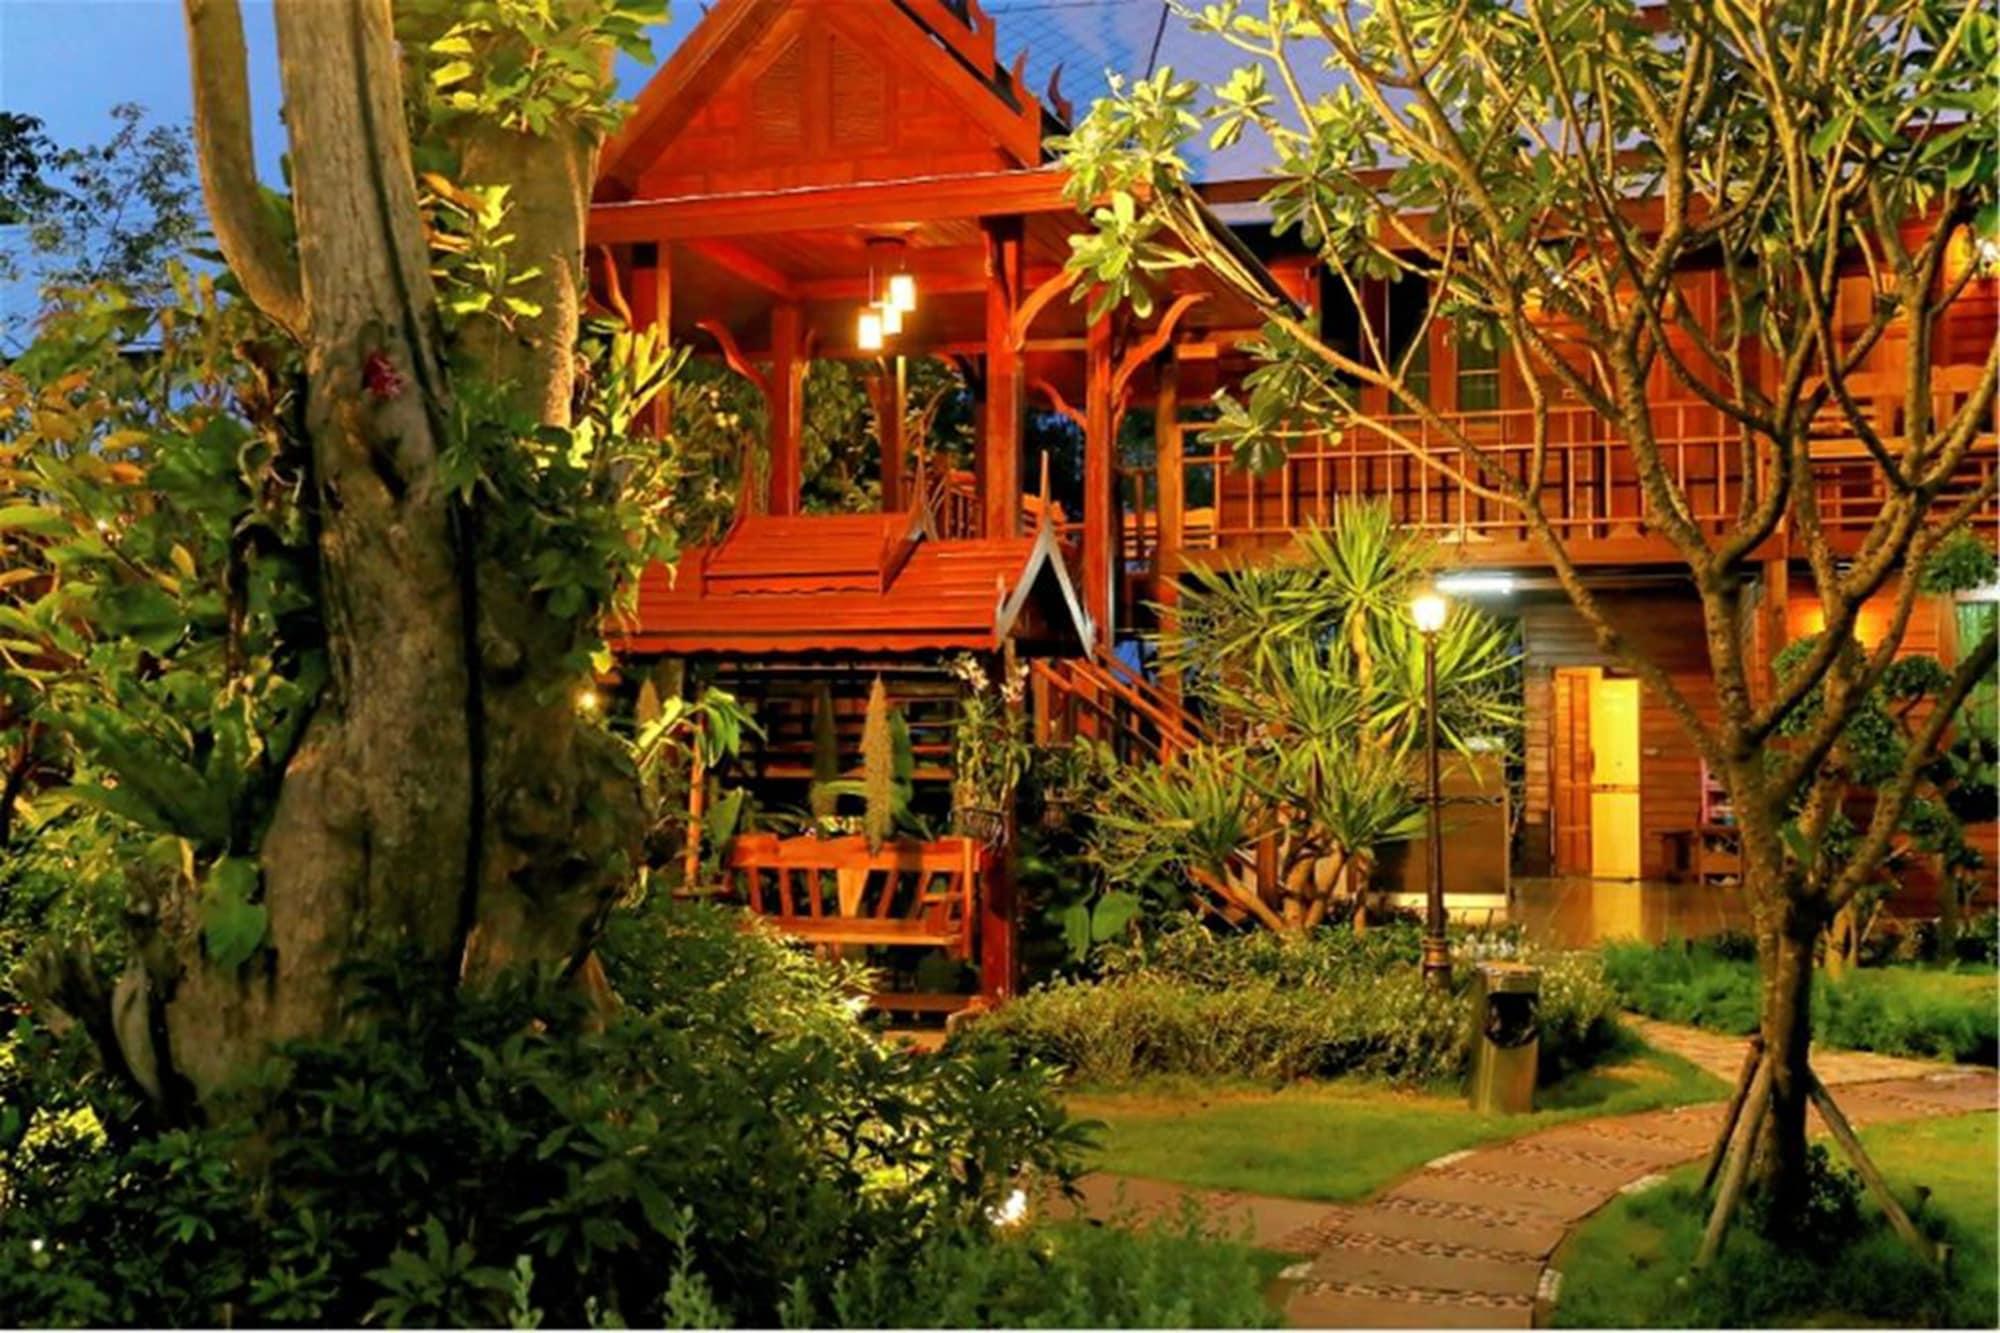 Sunlove Resort and Spa - Royal View, Muang Nakhon Pathom